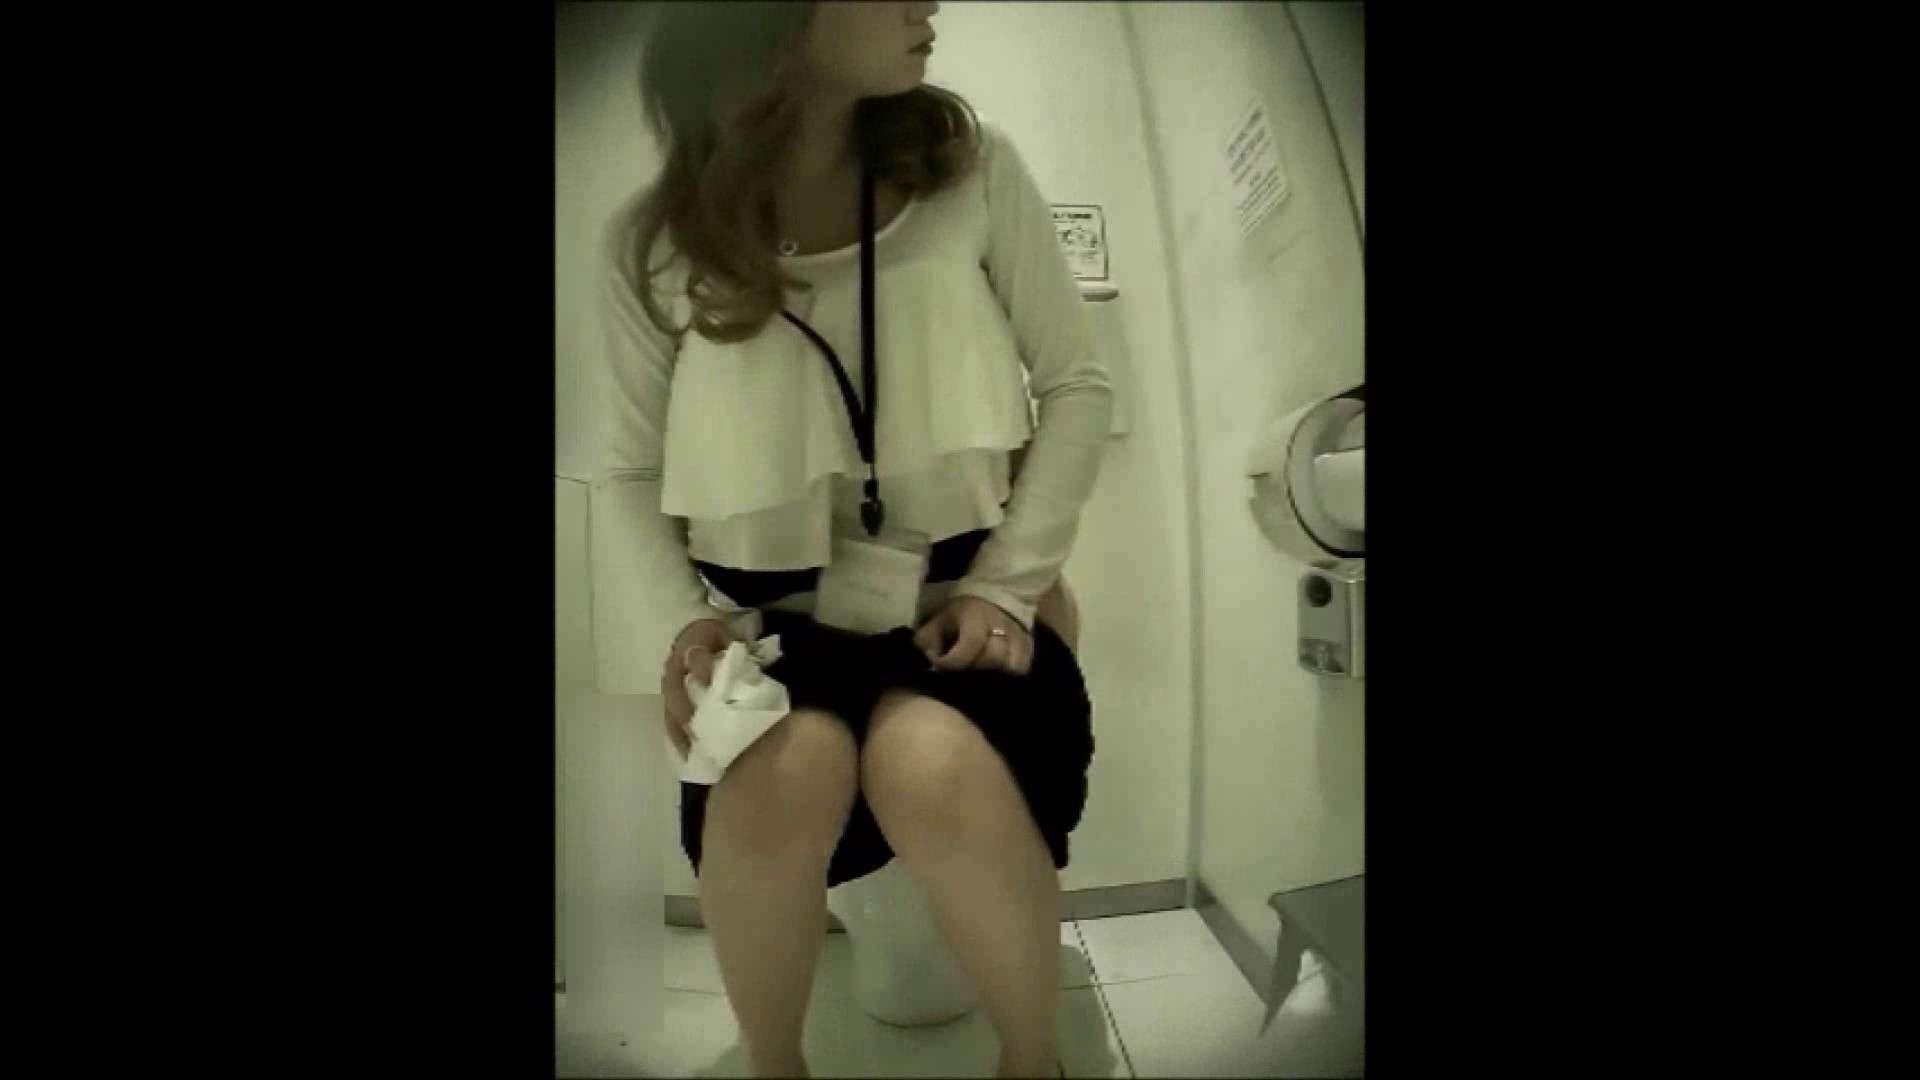 洗面所盗撮~隣の美人お姉さんVol.12 ギャルのエロ動画 オマンコ無修正動画無料 95画像 66